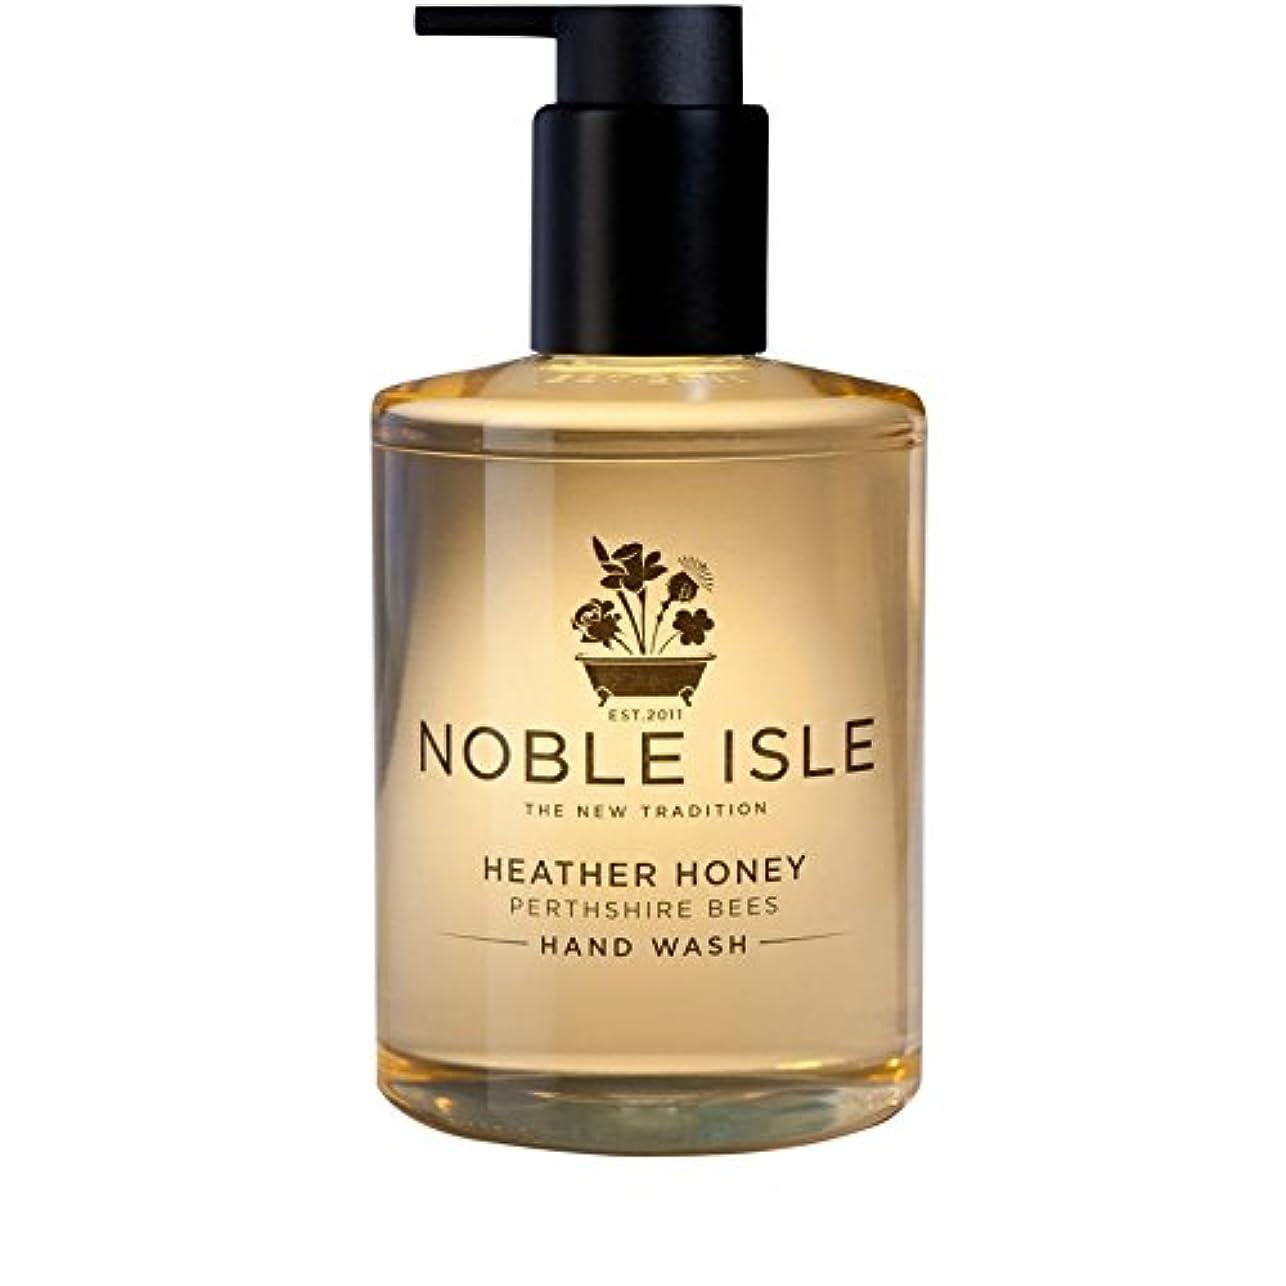 発明こどもセンター幽霊Noble Isle Heather Honey Perthshire Bees Hand Wash 250ml - 高貴な島杢蜂蜜パースシャー蜂のハンドウォッシュ250ミリリットル [並行輸入品]